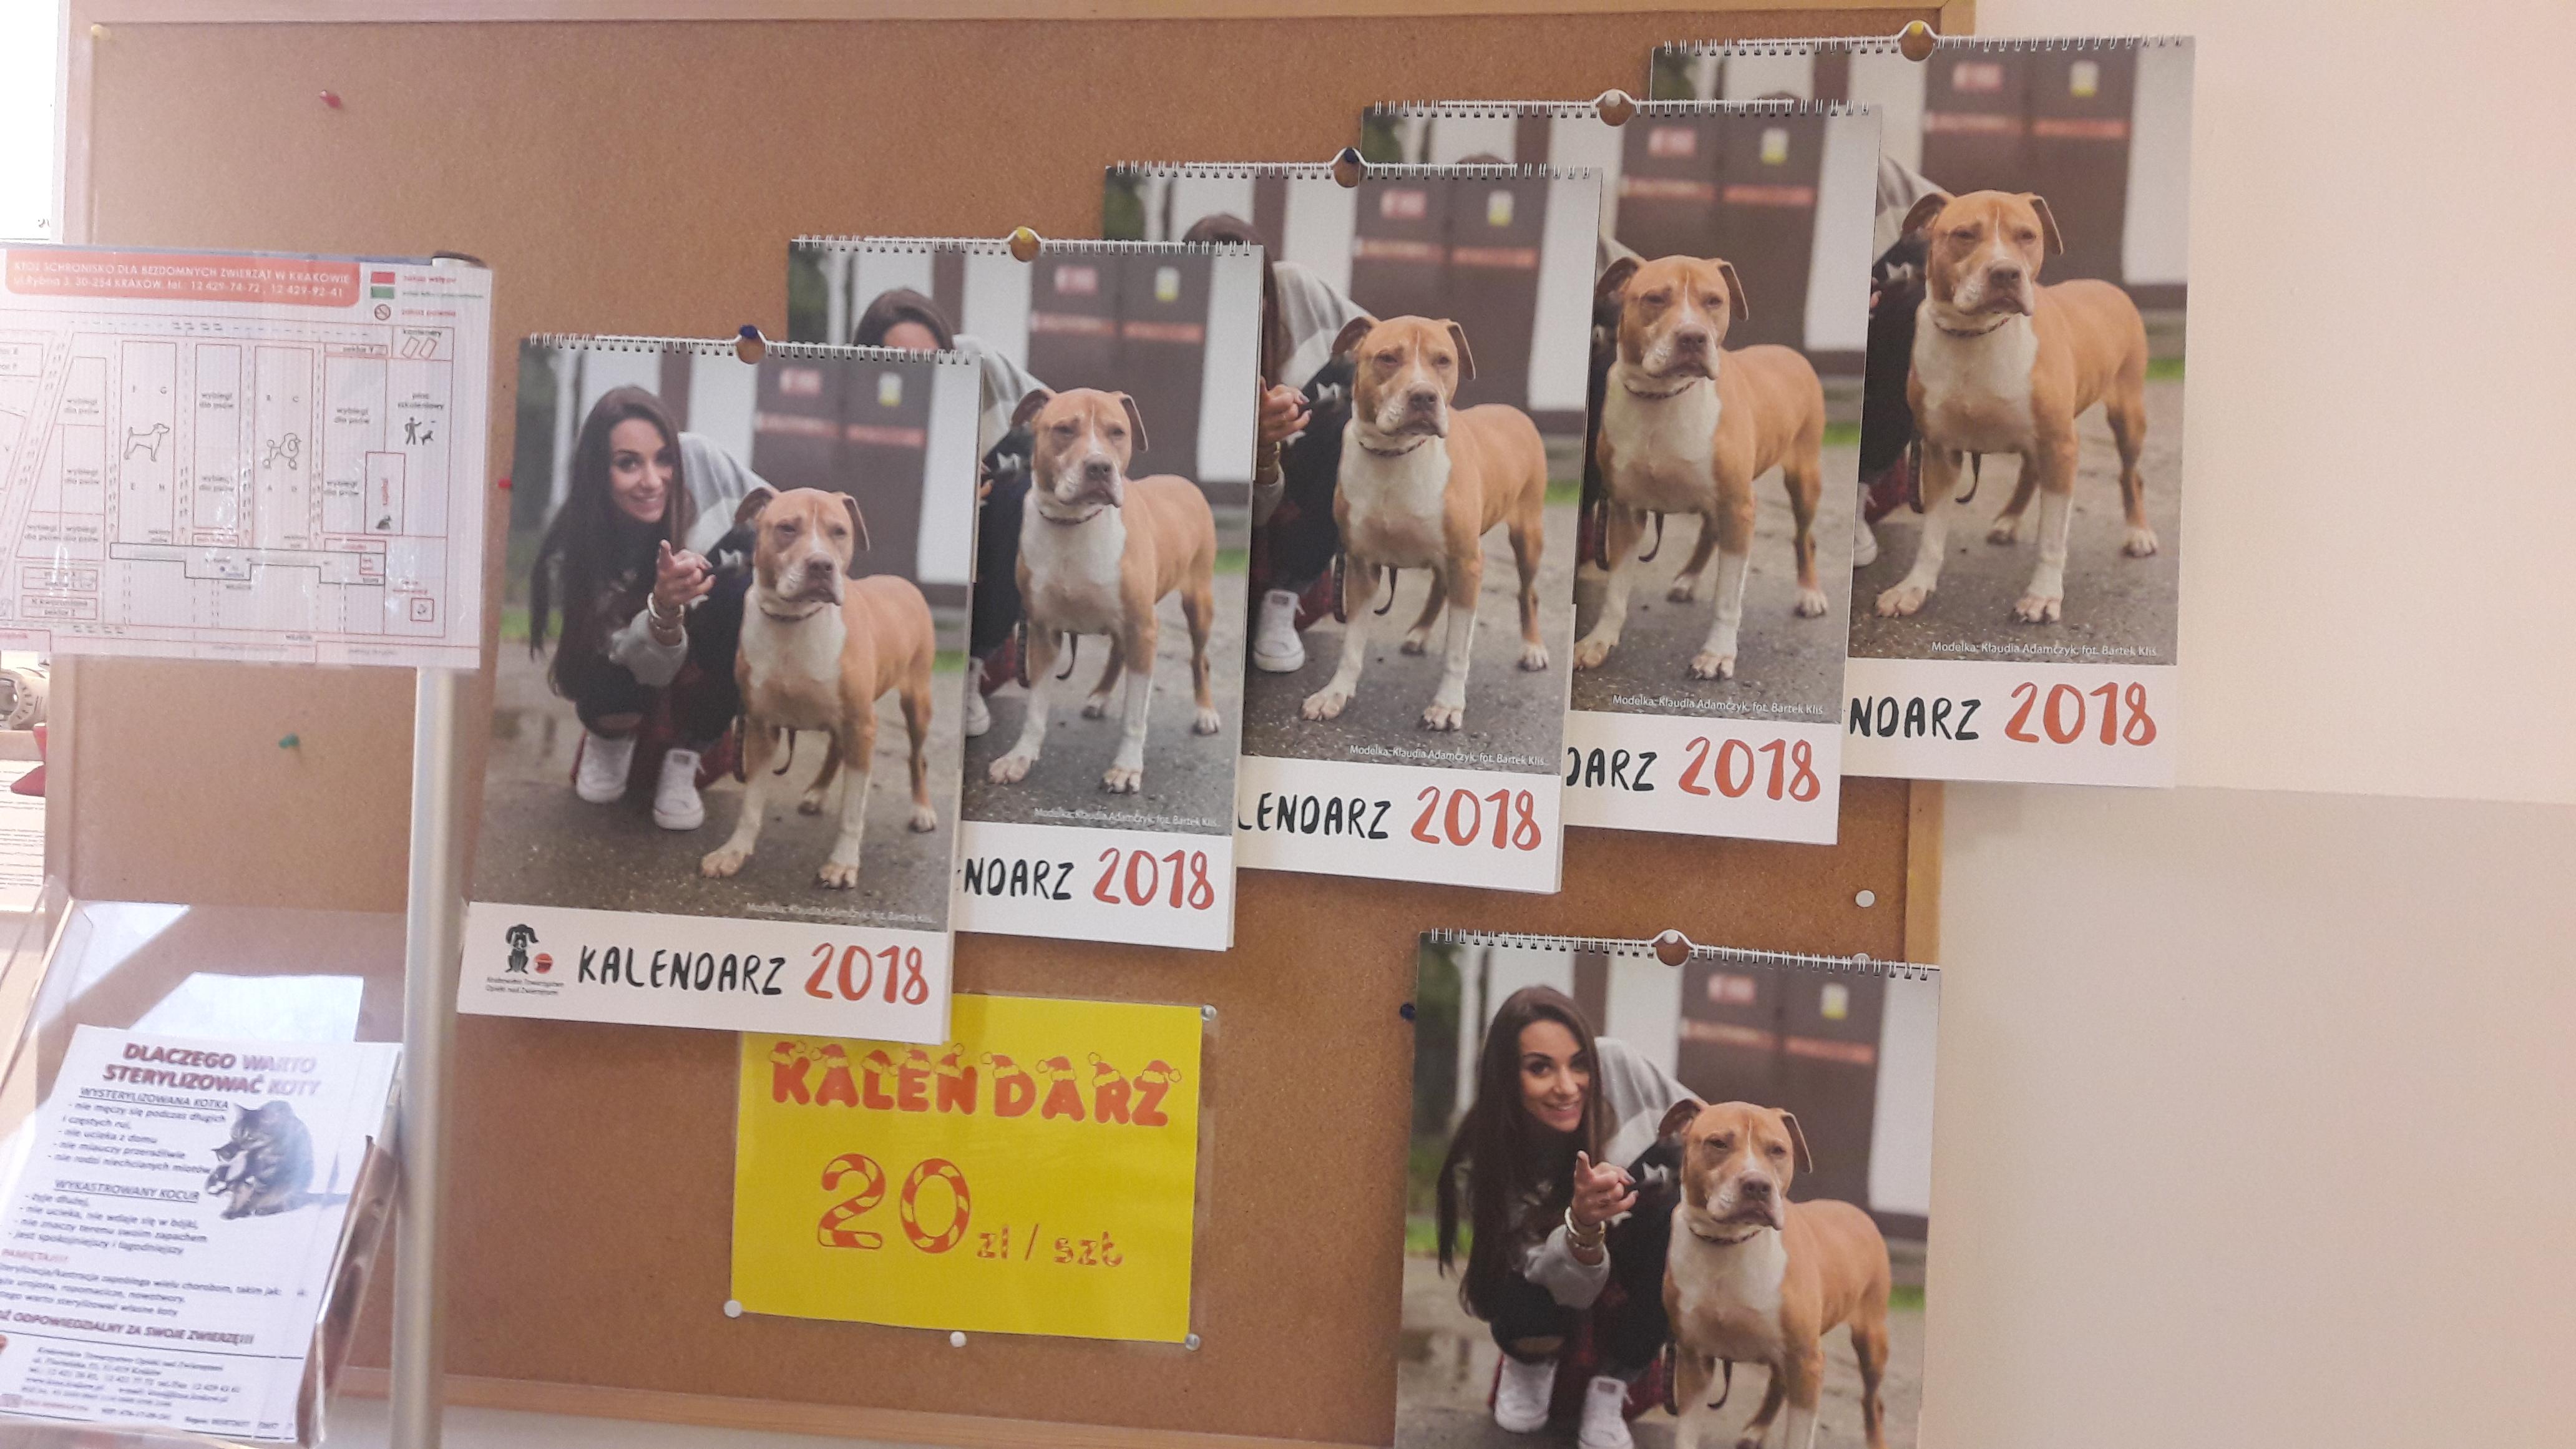 Kalendarz krakowskiego schroniska dla zwierząt